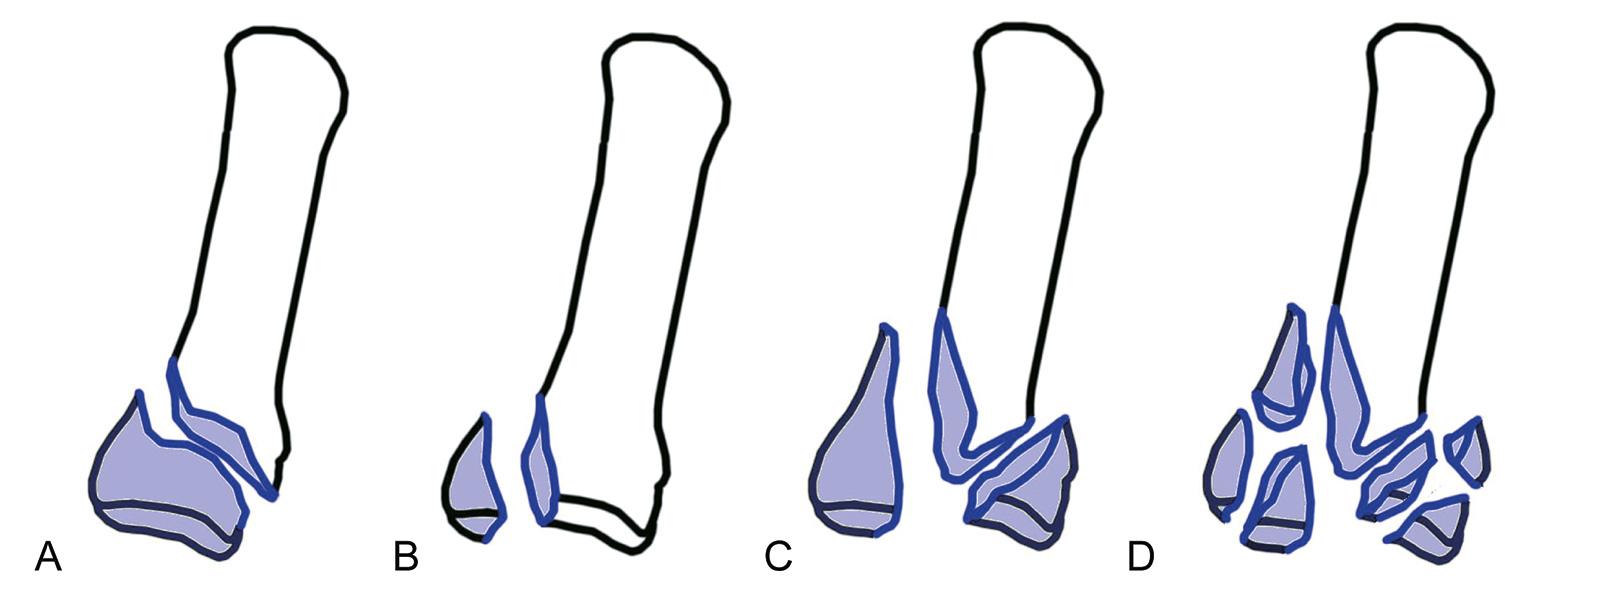 Abb. 7-7: Frakturen der Basis des Metacarpale 5: extraartikulärer Schrägbruch (A), 2-Fragmentbruch (B), 3-Fragmentbruch (C) und Trümmerfraktur (D)